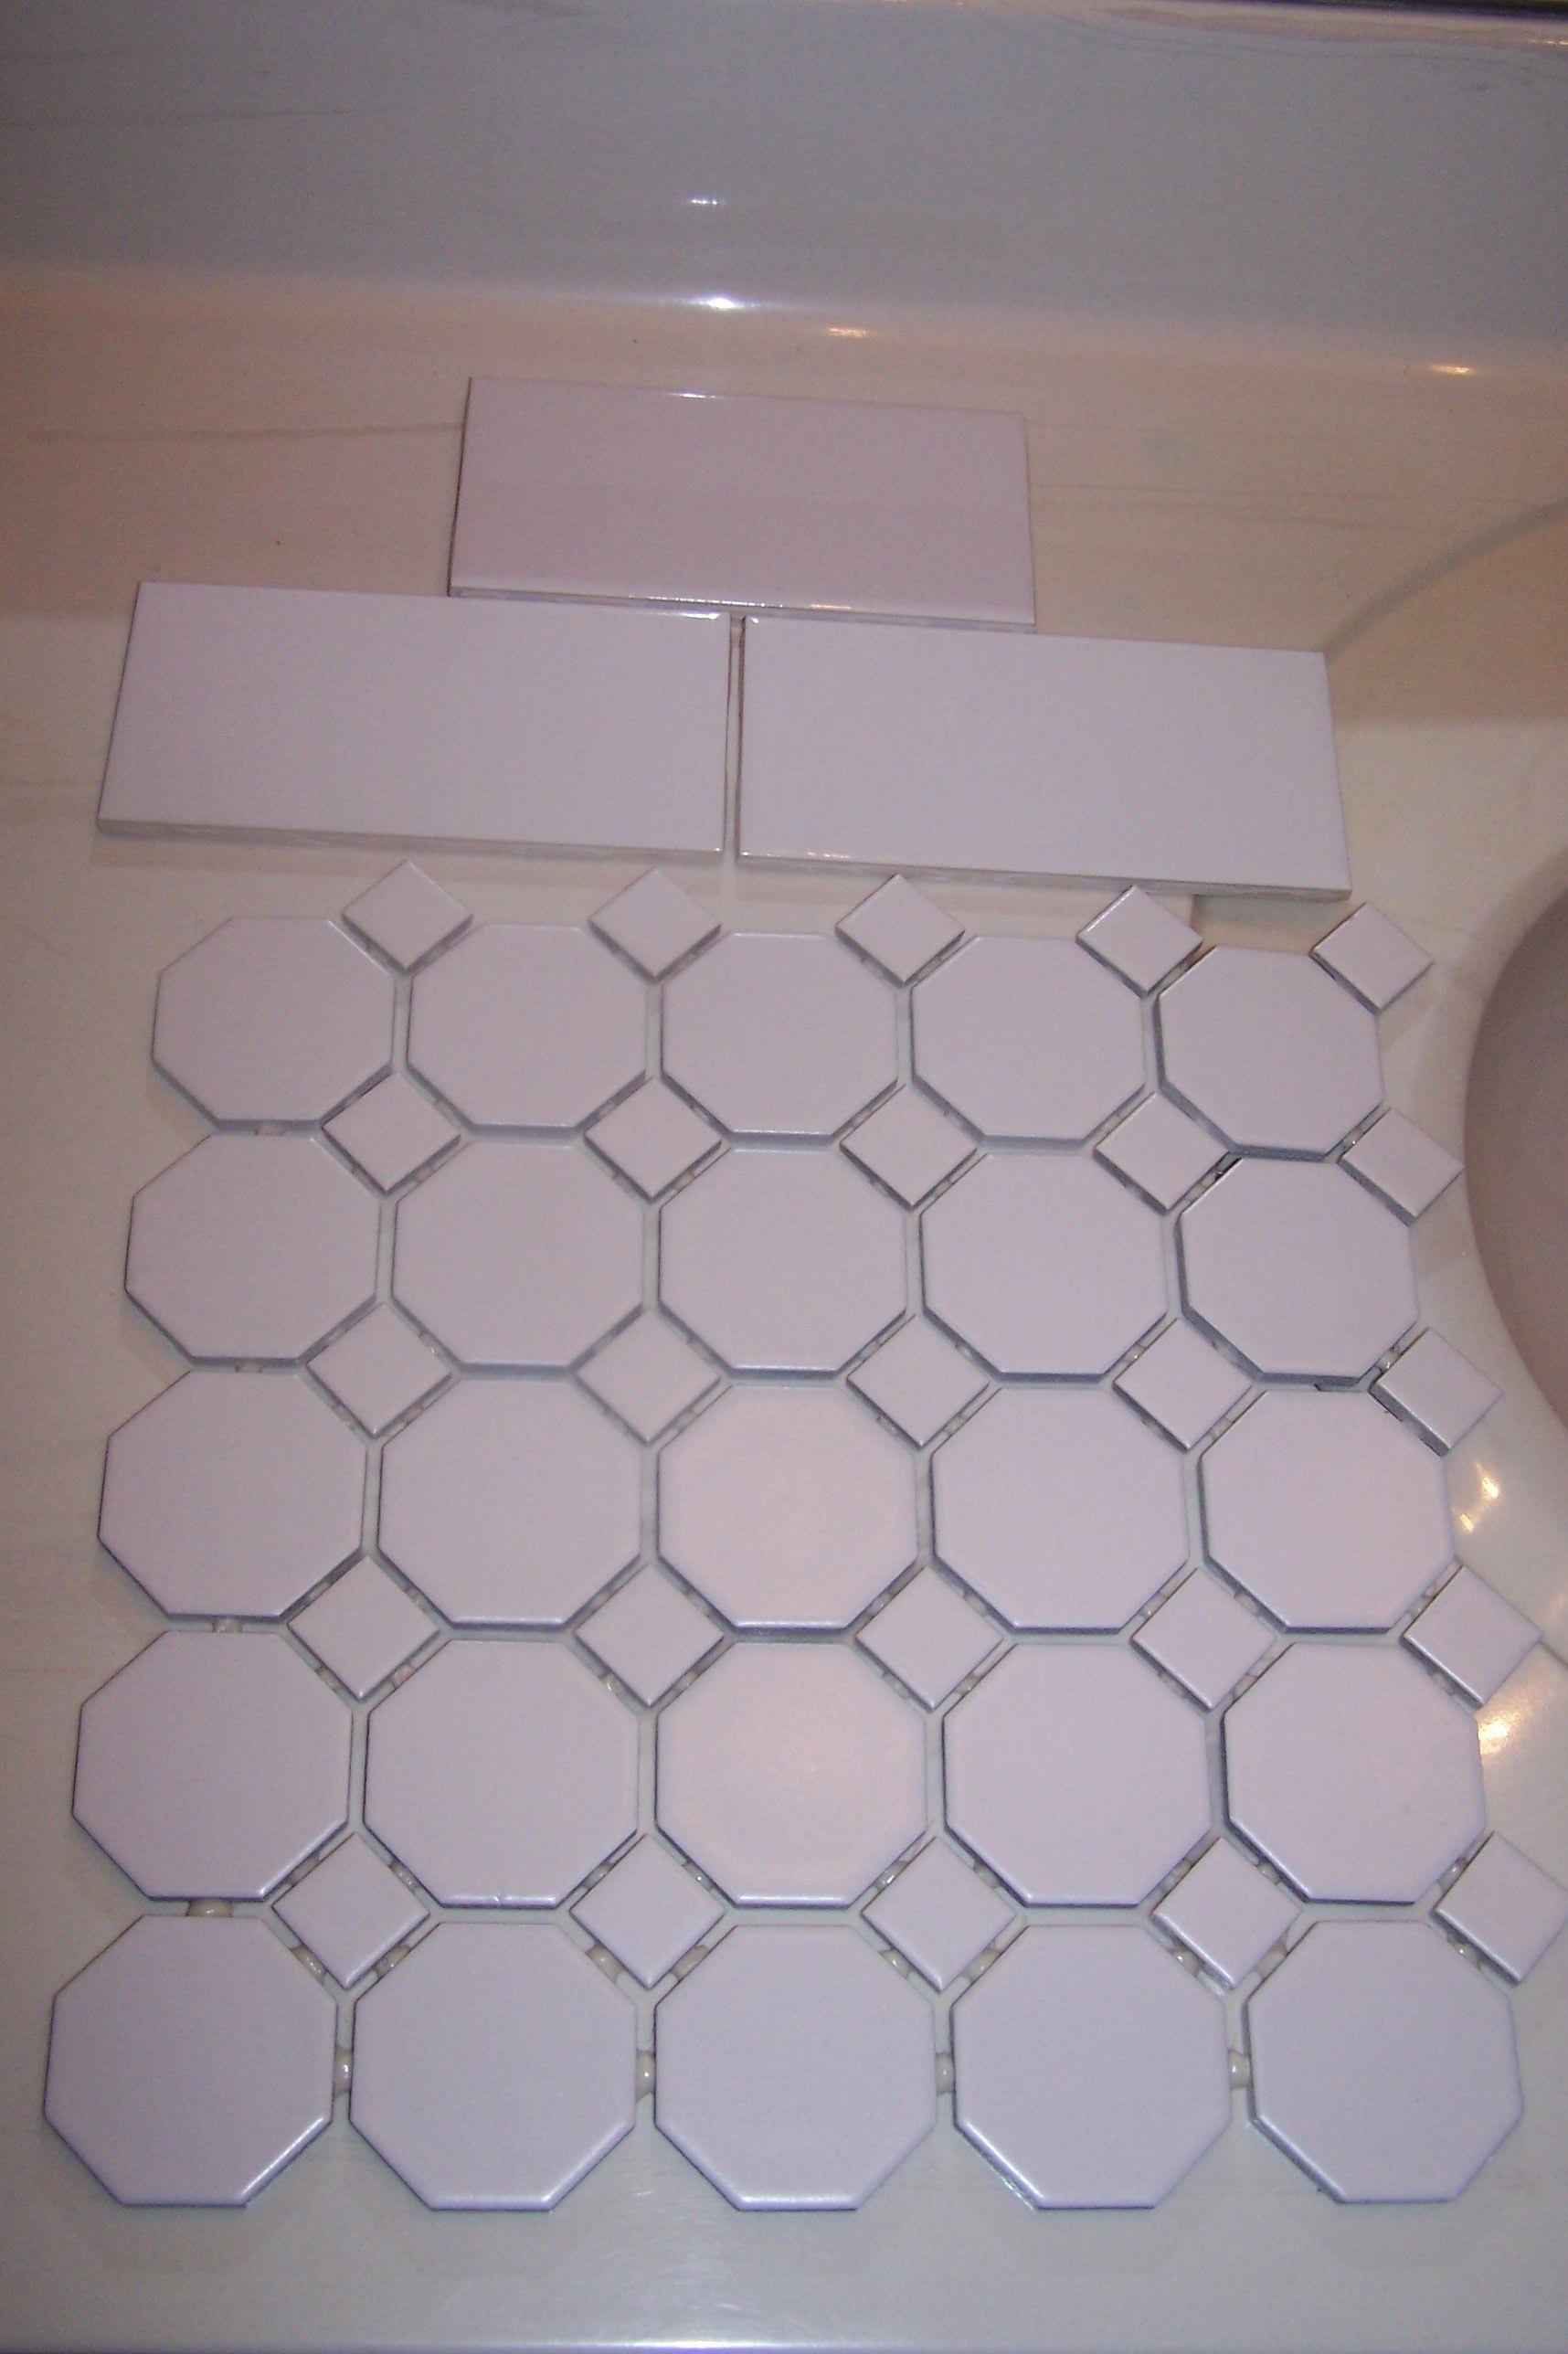 W Engaging Tile Shower Floor Vs Fiberglass Tiling A Shower Floor Video Tiling A Shower Floor Vs Shower Pan Tiling A Sh Shower Floor Shower Pan Tile Shower Tile